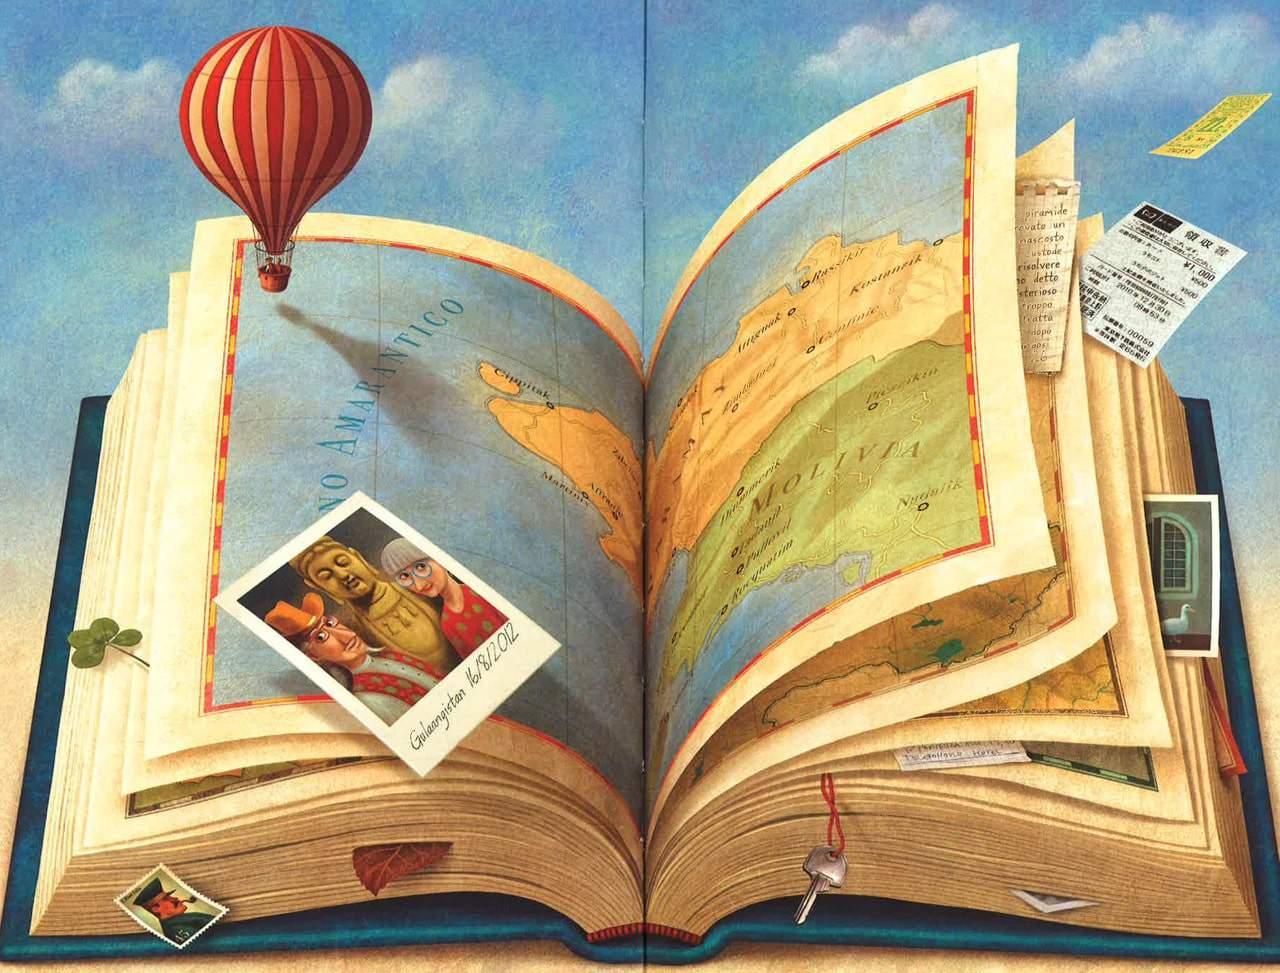 Atlante dei luoghi letterari per viaggiare nella letteratura dall'Odissea a Tolkien